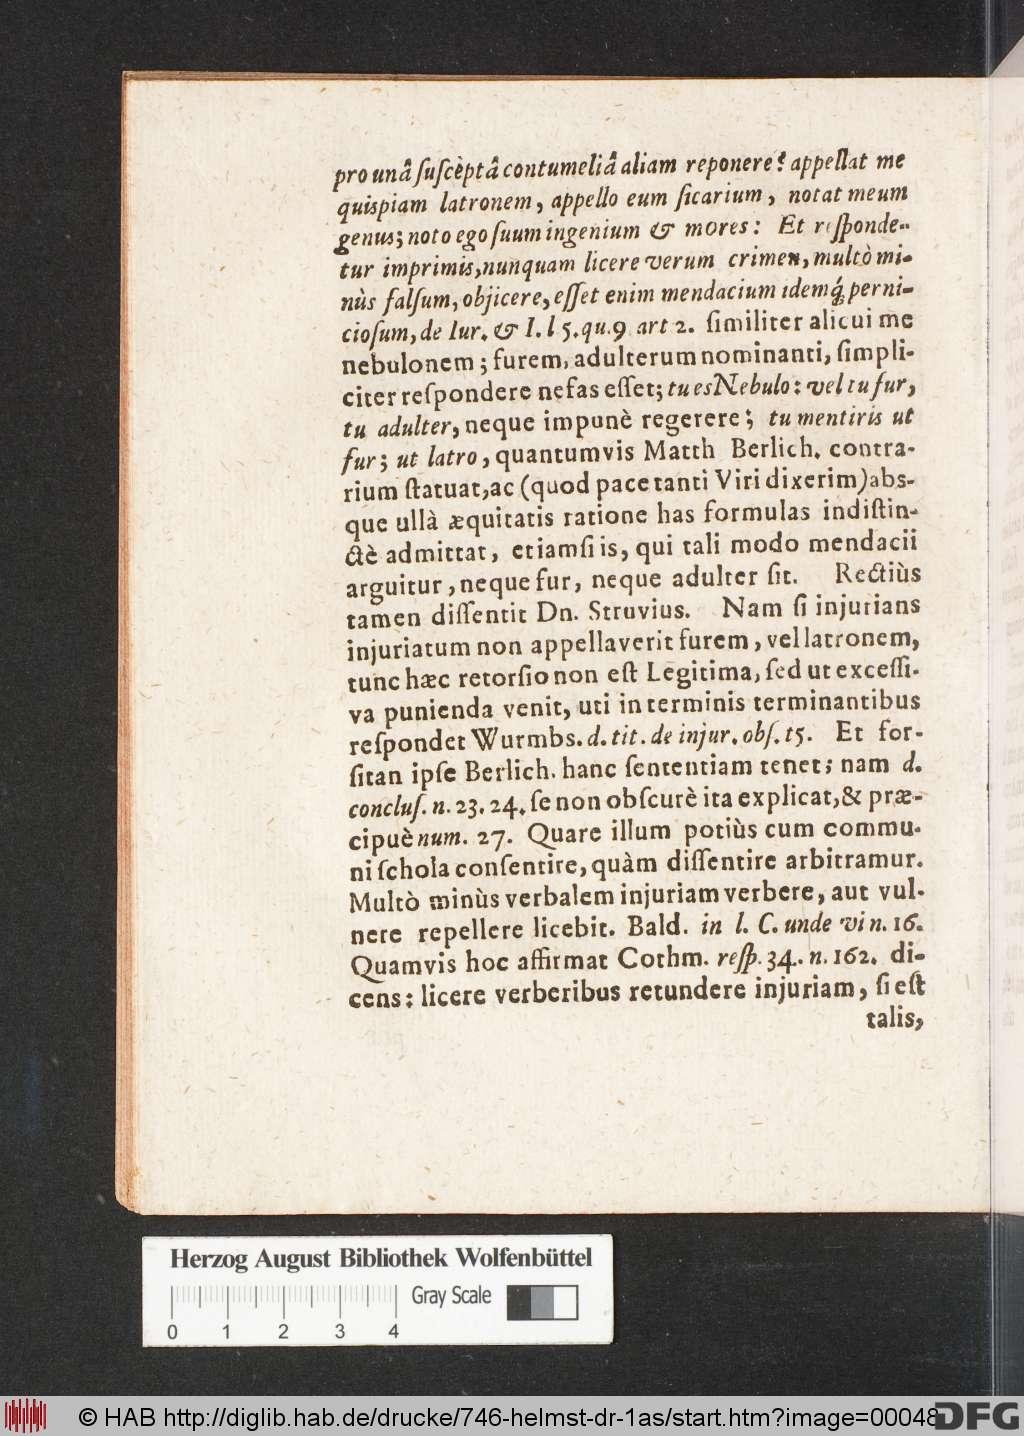 http://diglib.hab.de/drucke/746-helmst-dr-1as/00048.jpg